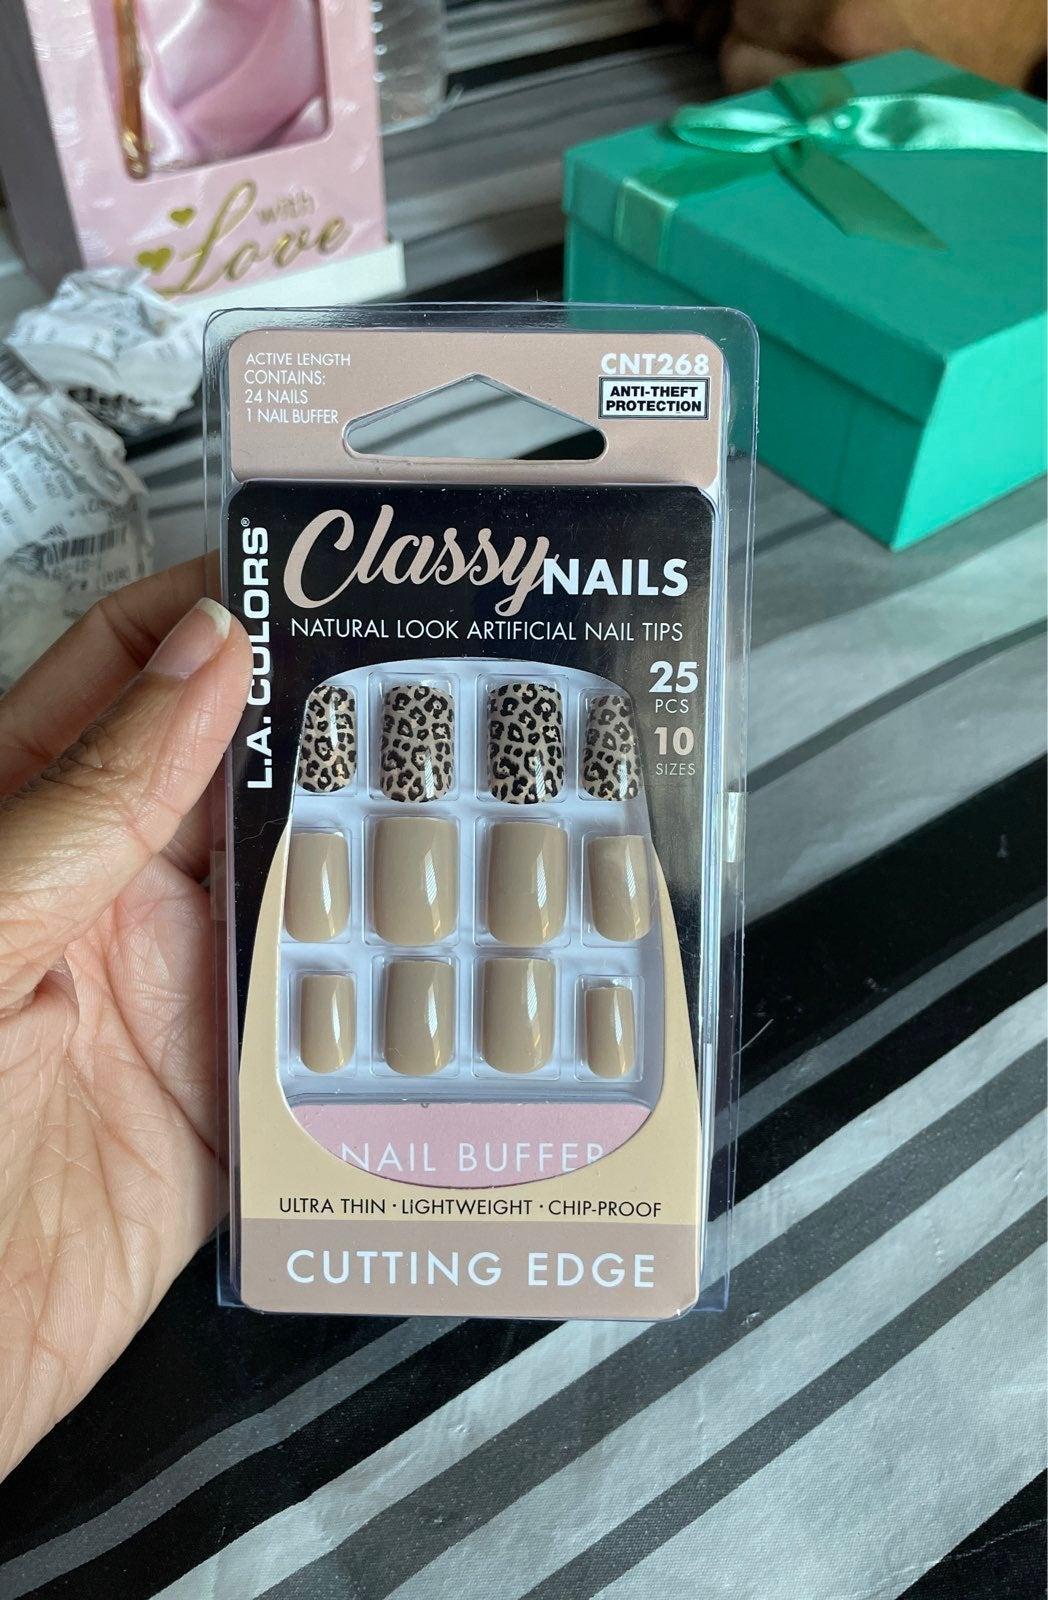 L.A. Colors nails